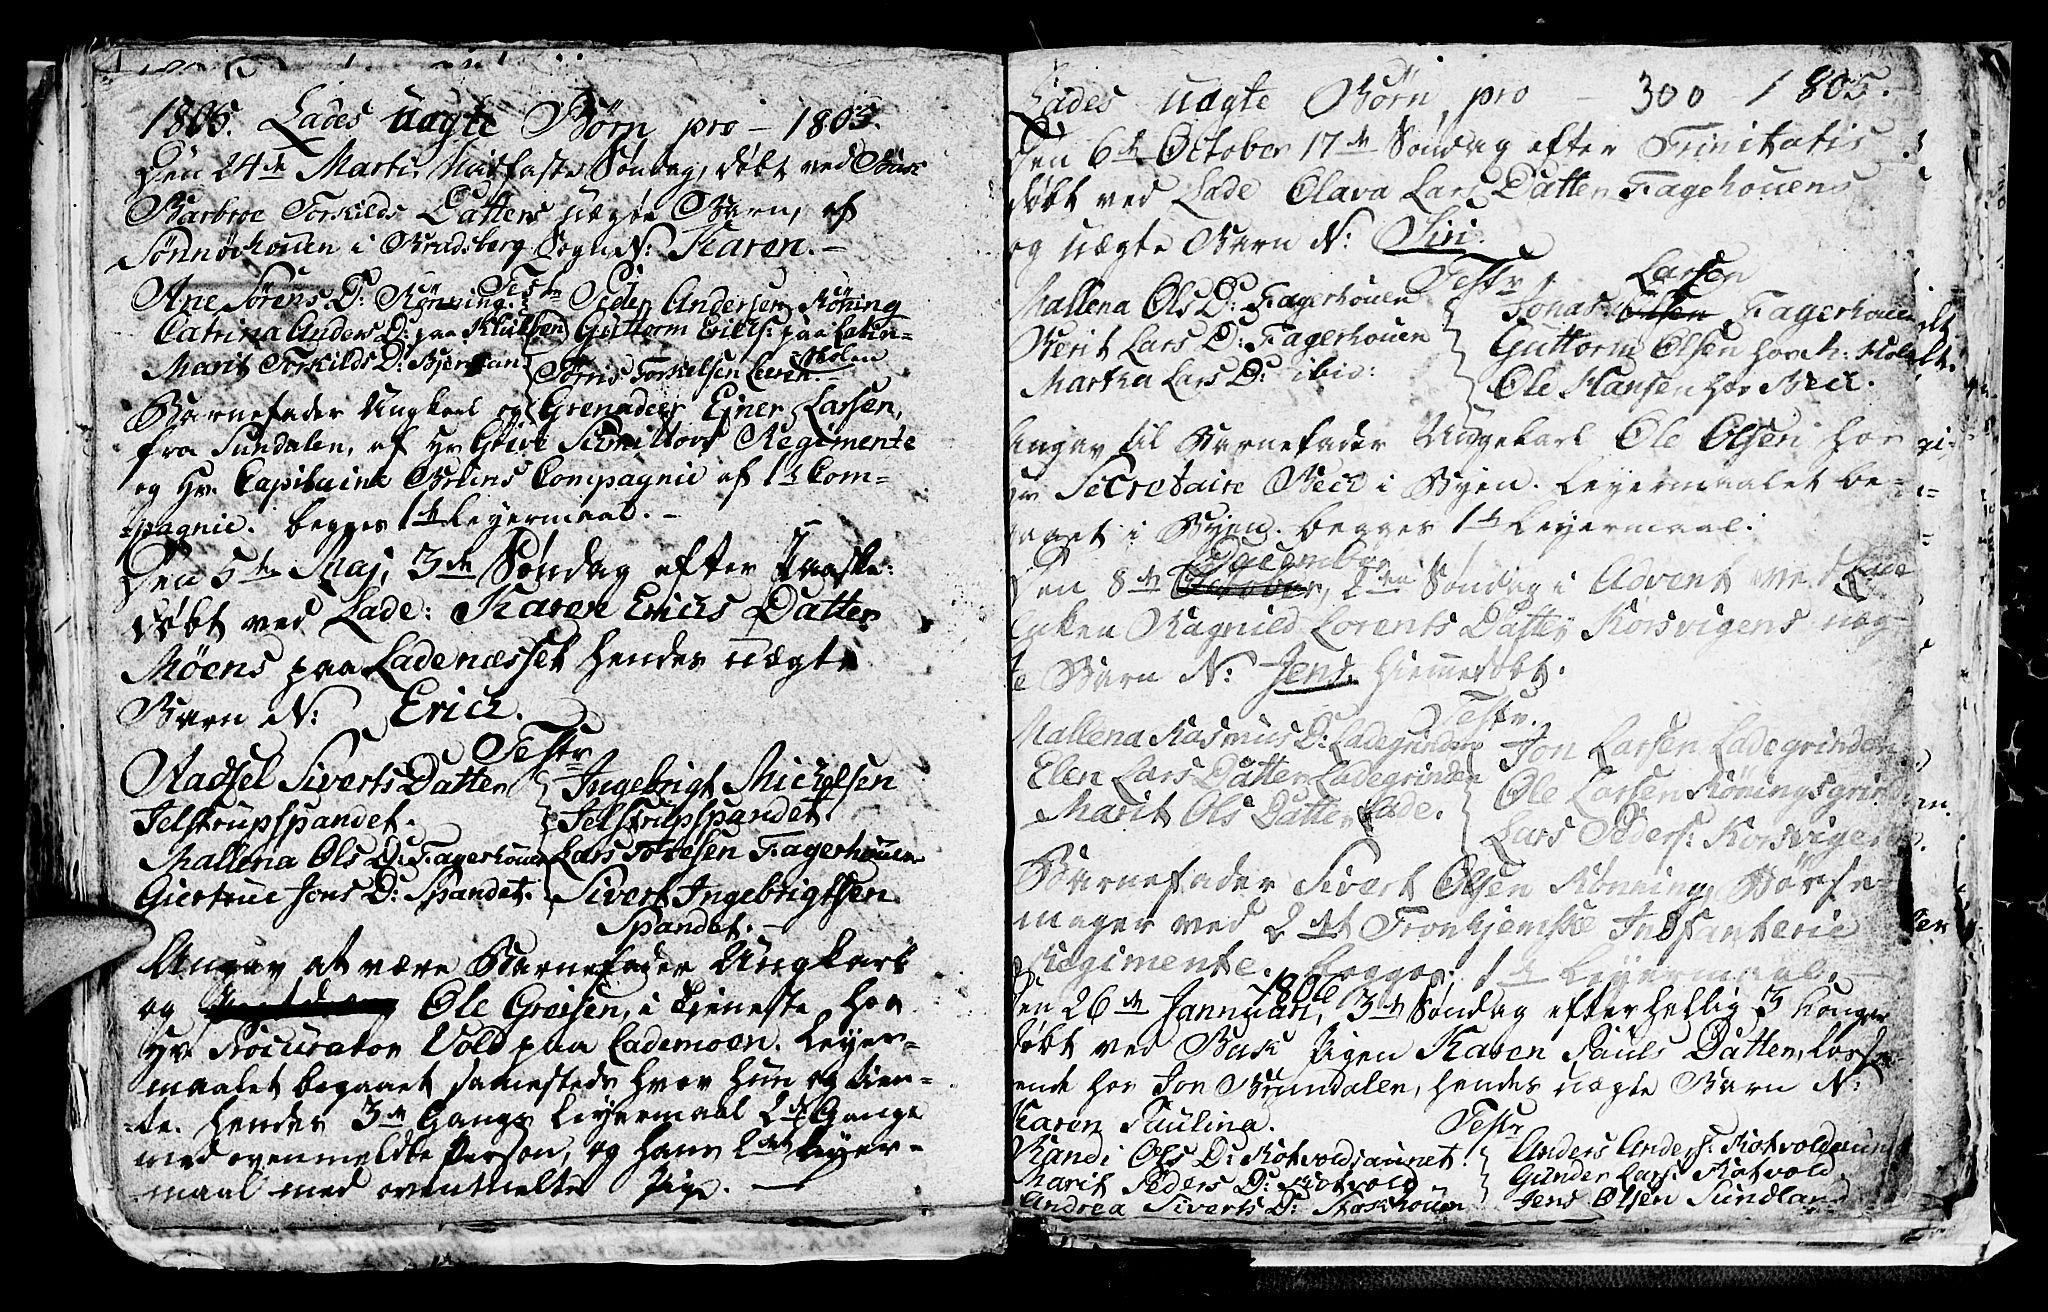 SAT, Ministerialprotokoller, klokkerbøker og fødselsregistre - Sør-Trøndelag, 606/L0305: Klokkerbok nr. 606C01, 1757-1819, s. 300